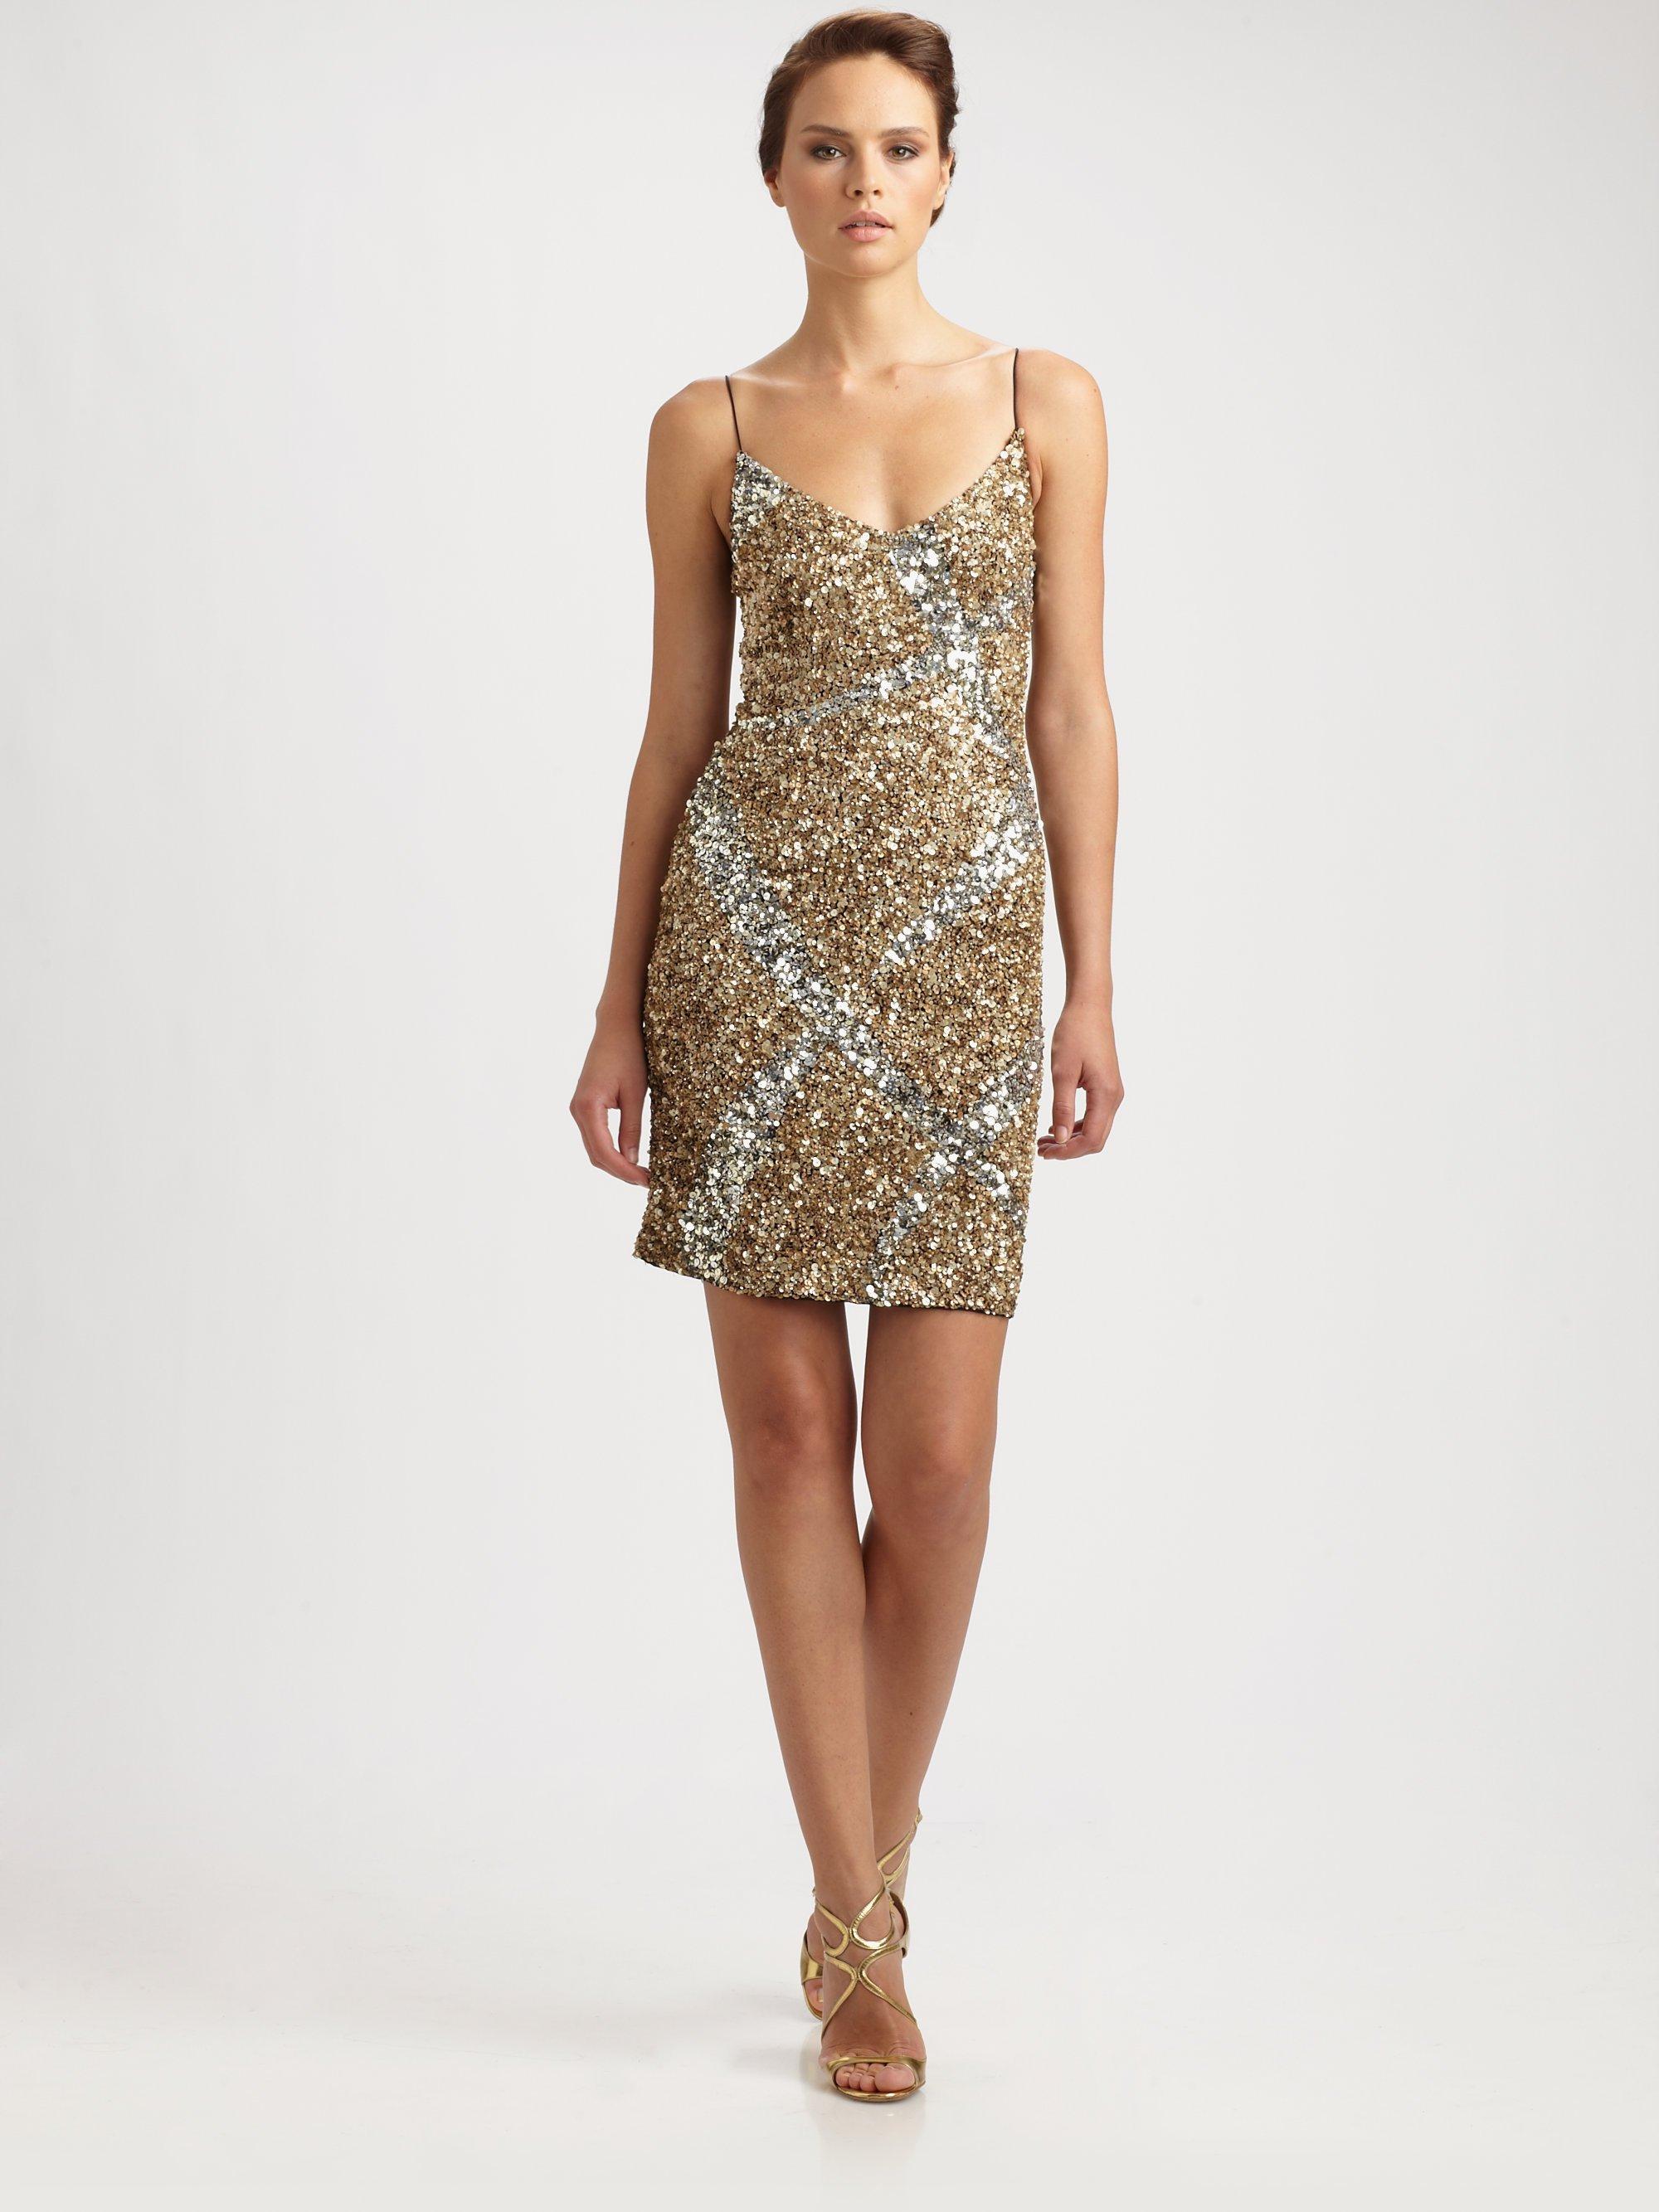 Theia Sequin Slip Dress in Metallic - Lyst